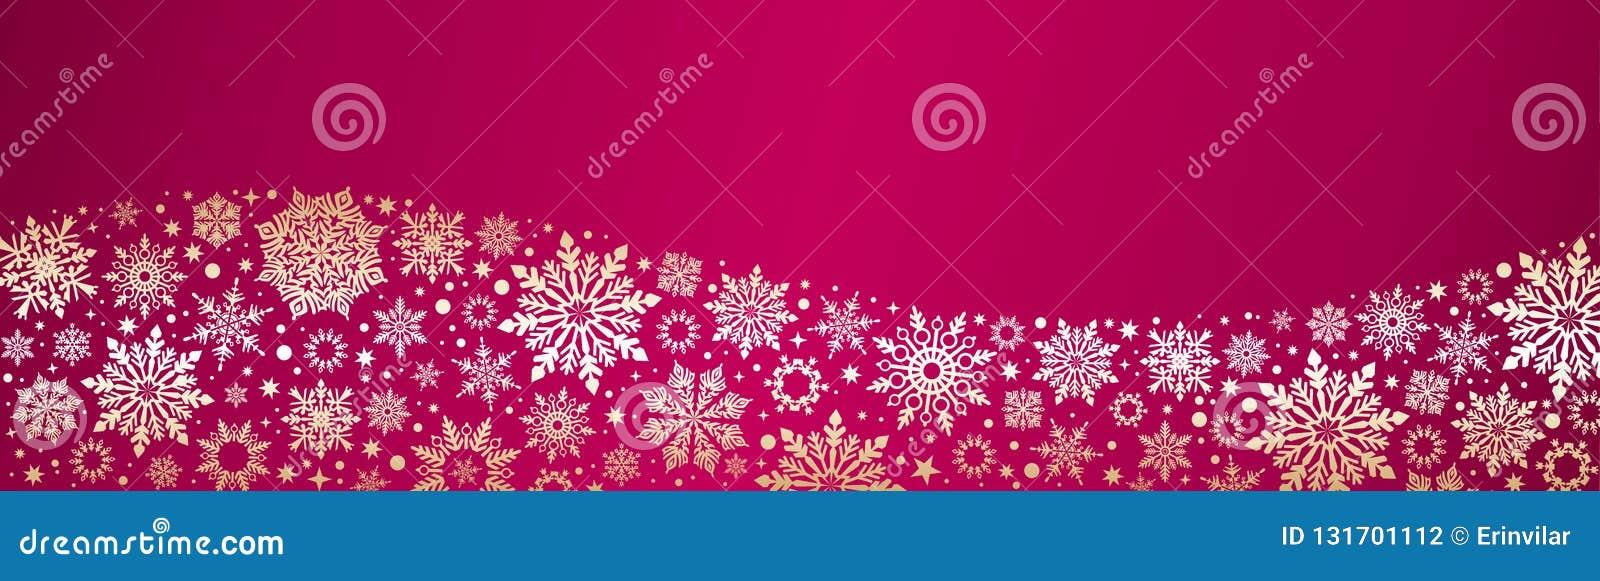 Snowflakes Χριστουγέννων διανυσματικό κόκκινο χρυσό έμβλημα Ιστού